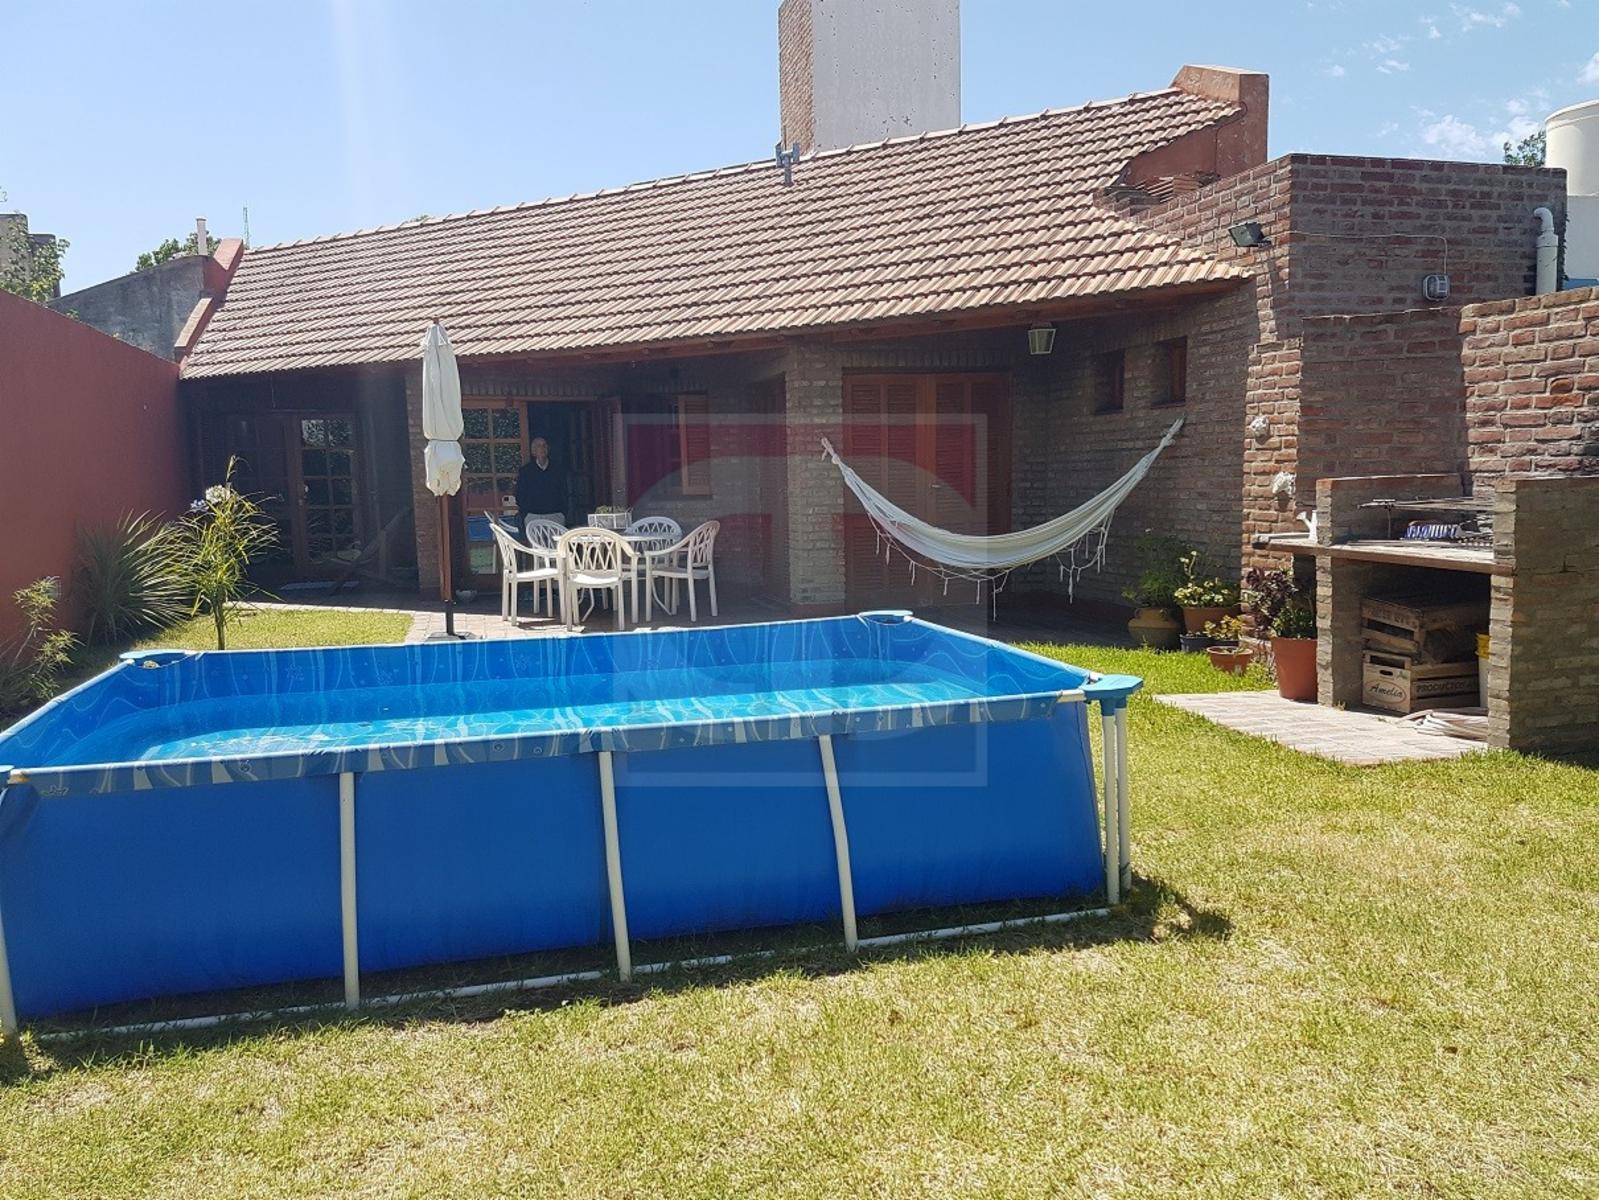 Venta casa Villa Elvina, sobre calle Sucre, DAIANA DOMINGUEZ NEGOCIOS INMOBILIARIOS